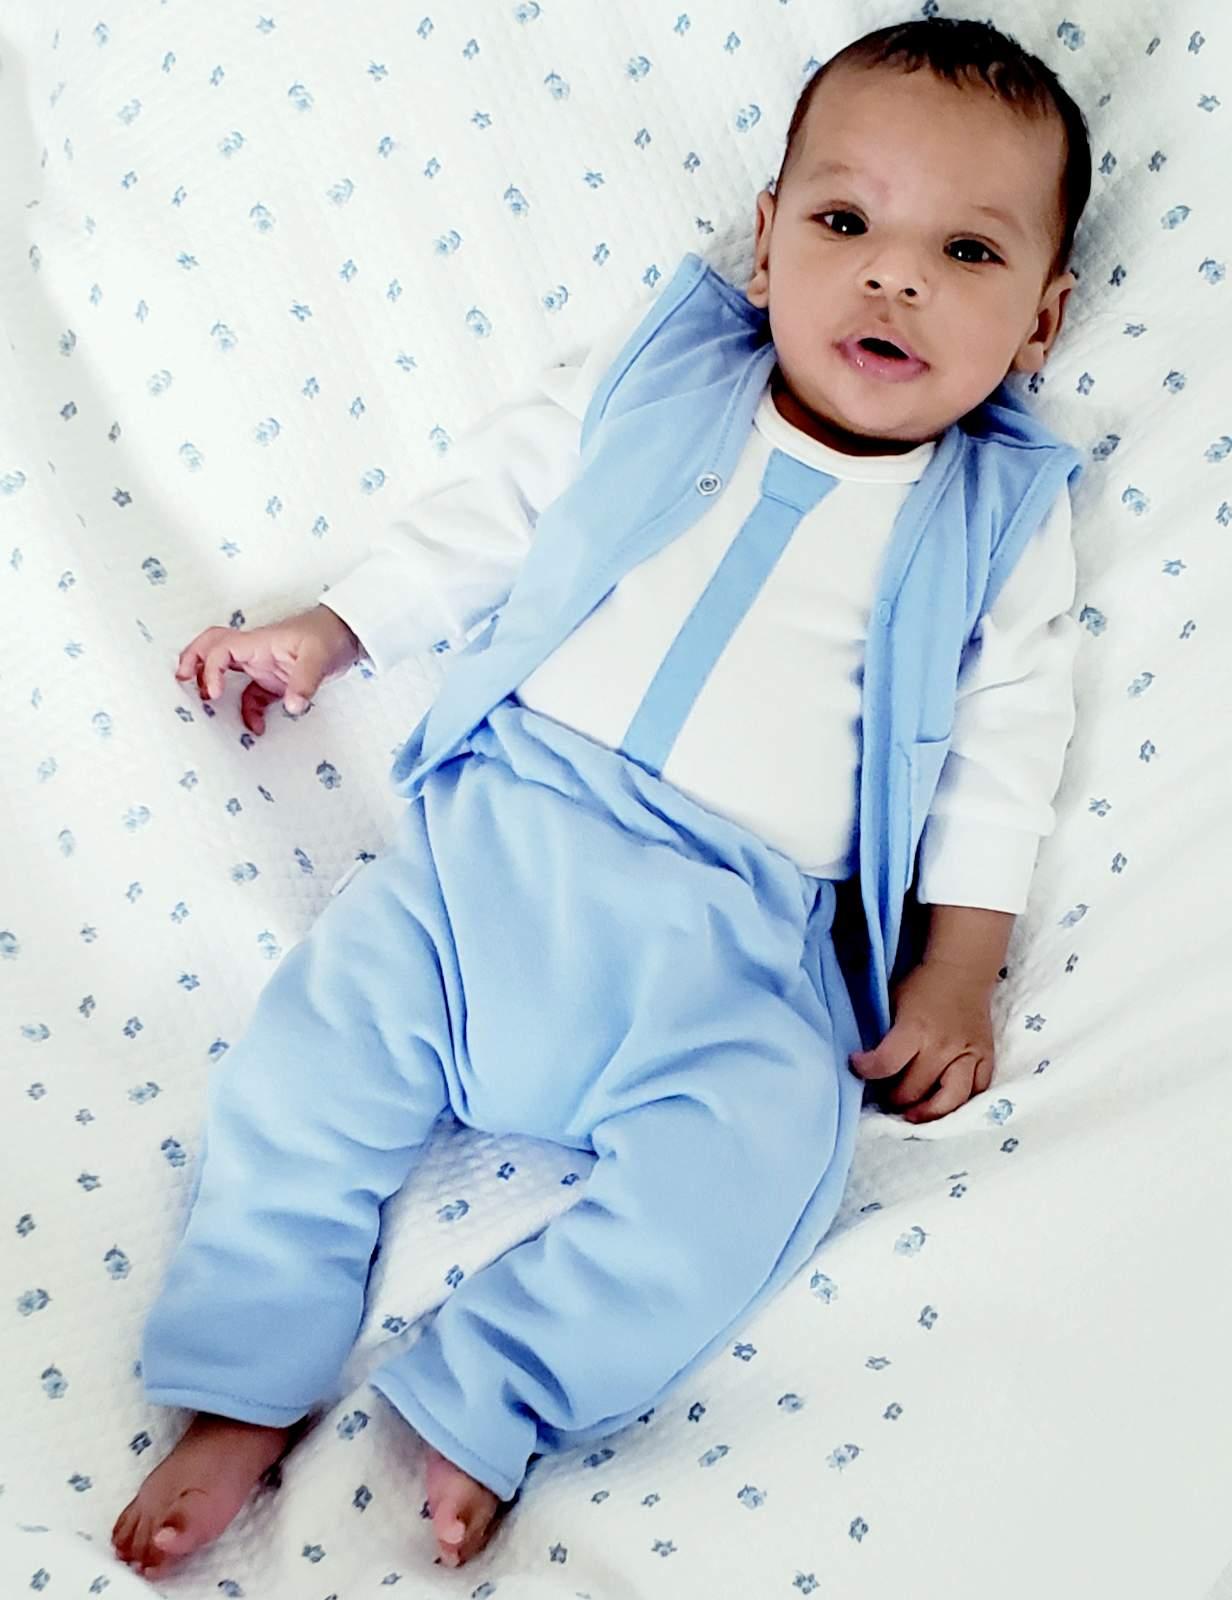 14996ab8c74da Niebieskie ubranko do chrztu dla chłopca Krystian  NoNiNo